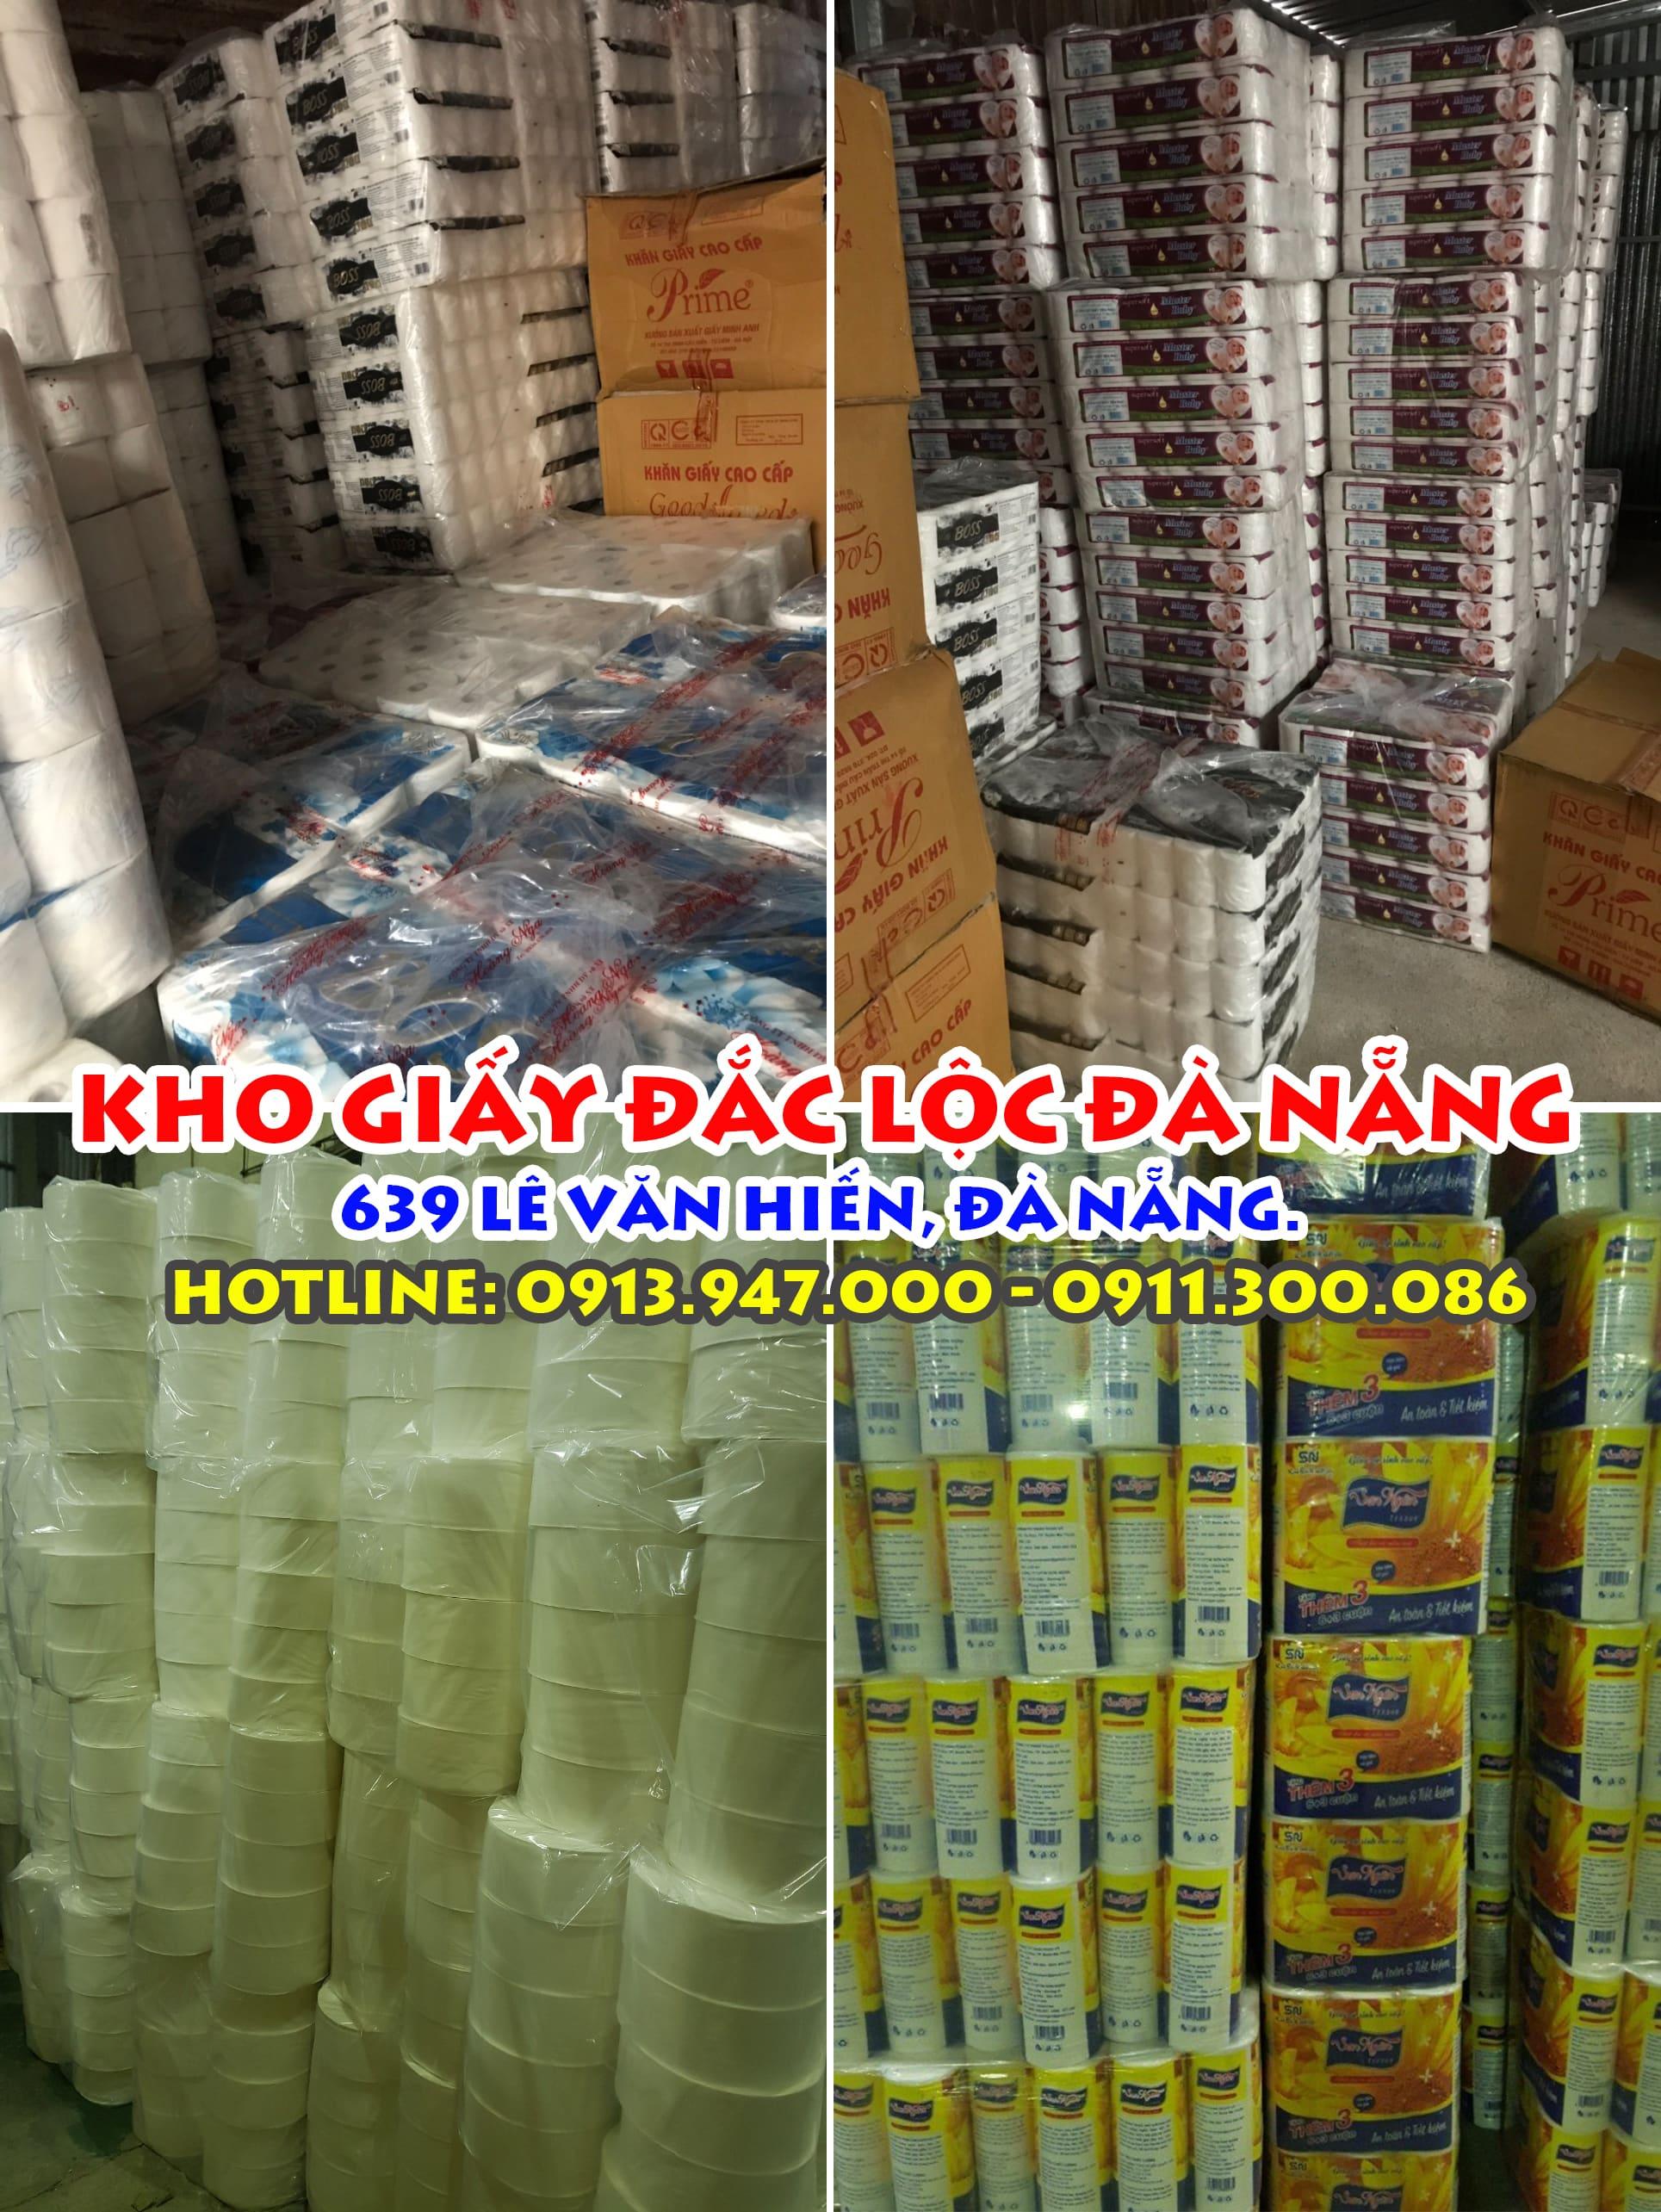 Kho giấy rộng 500m vuông - cung cấp thoải mái cho toàn bộ khách sạn và nhà hàng trên địa bàn Đà Nẵng